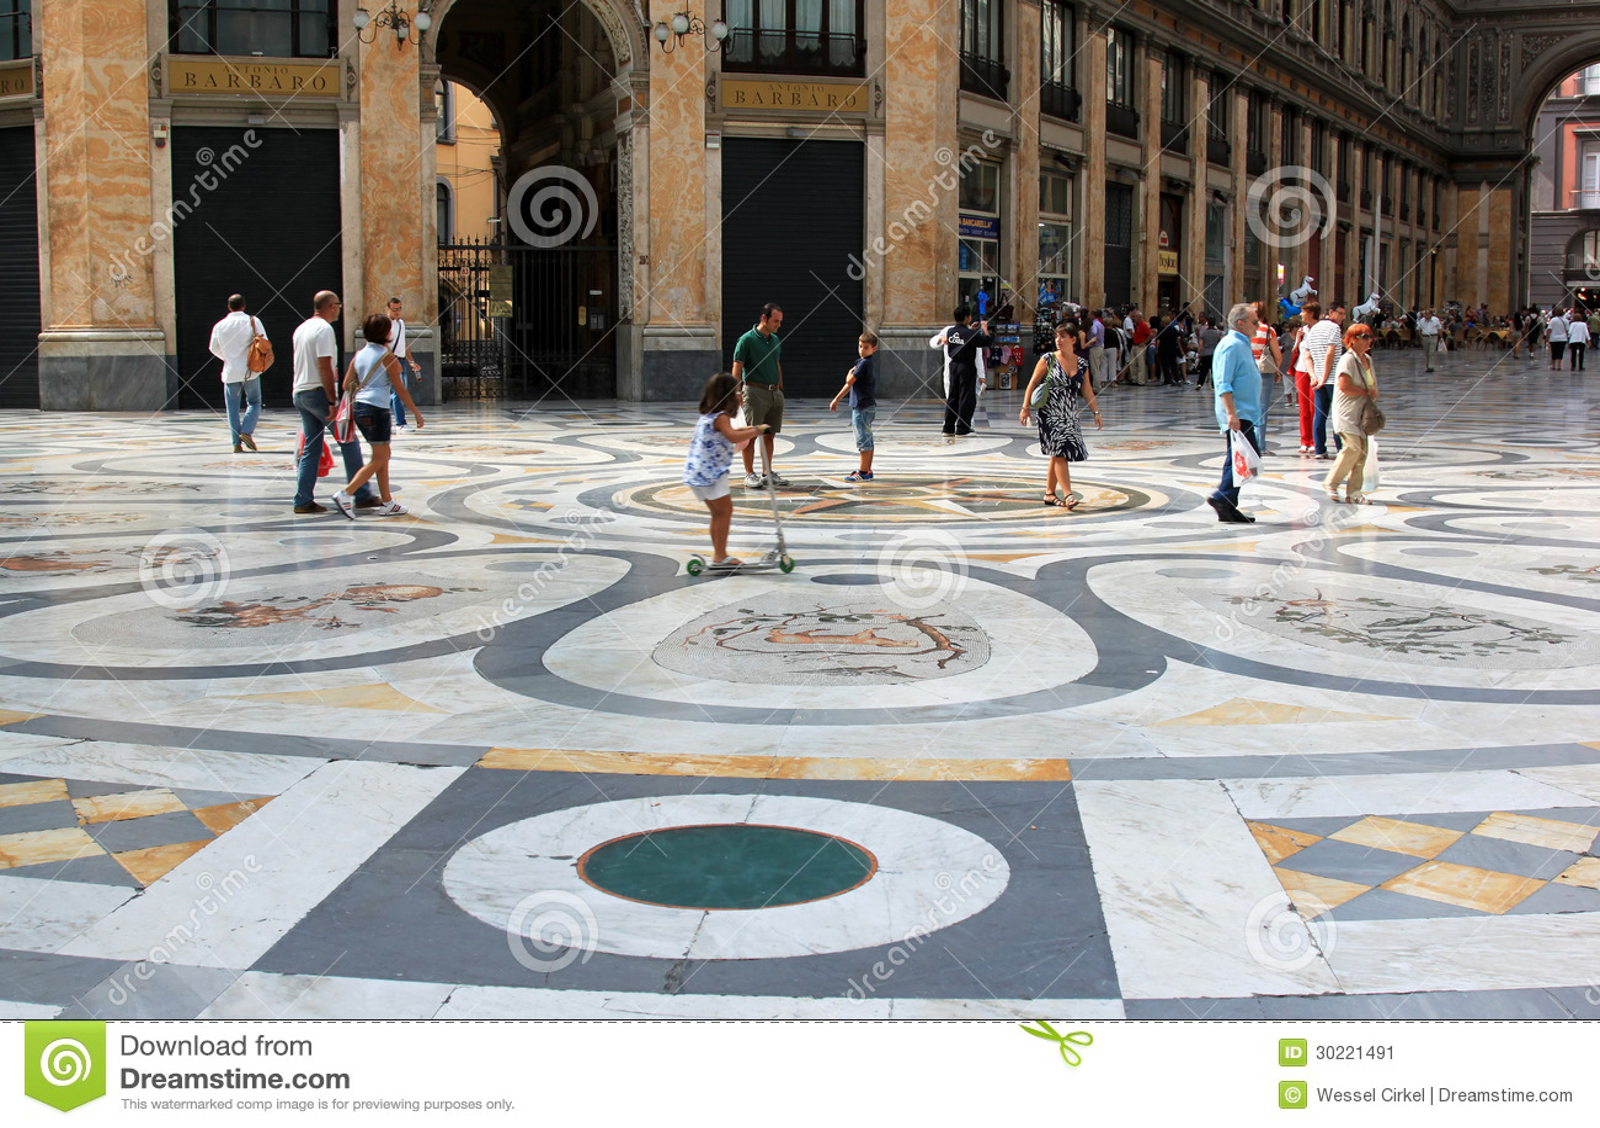 Winkelcentrum Galleria Umberto, Napels, Italië